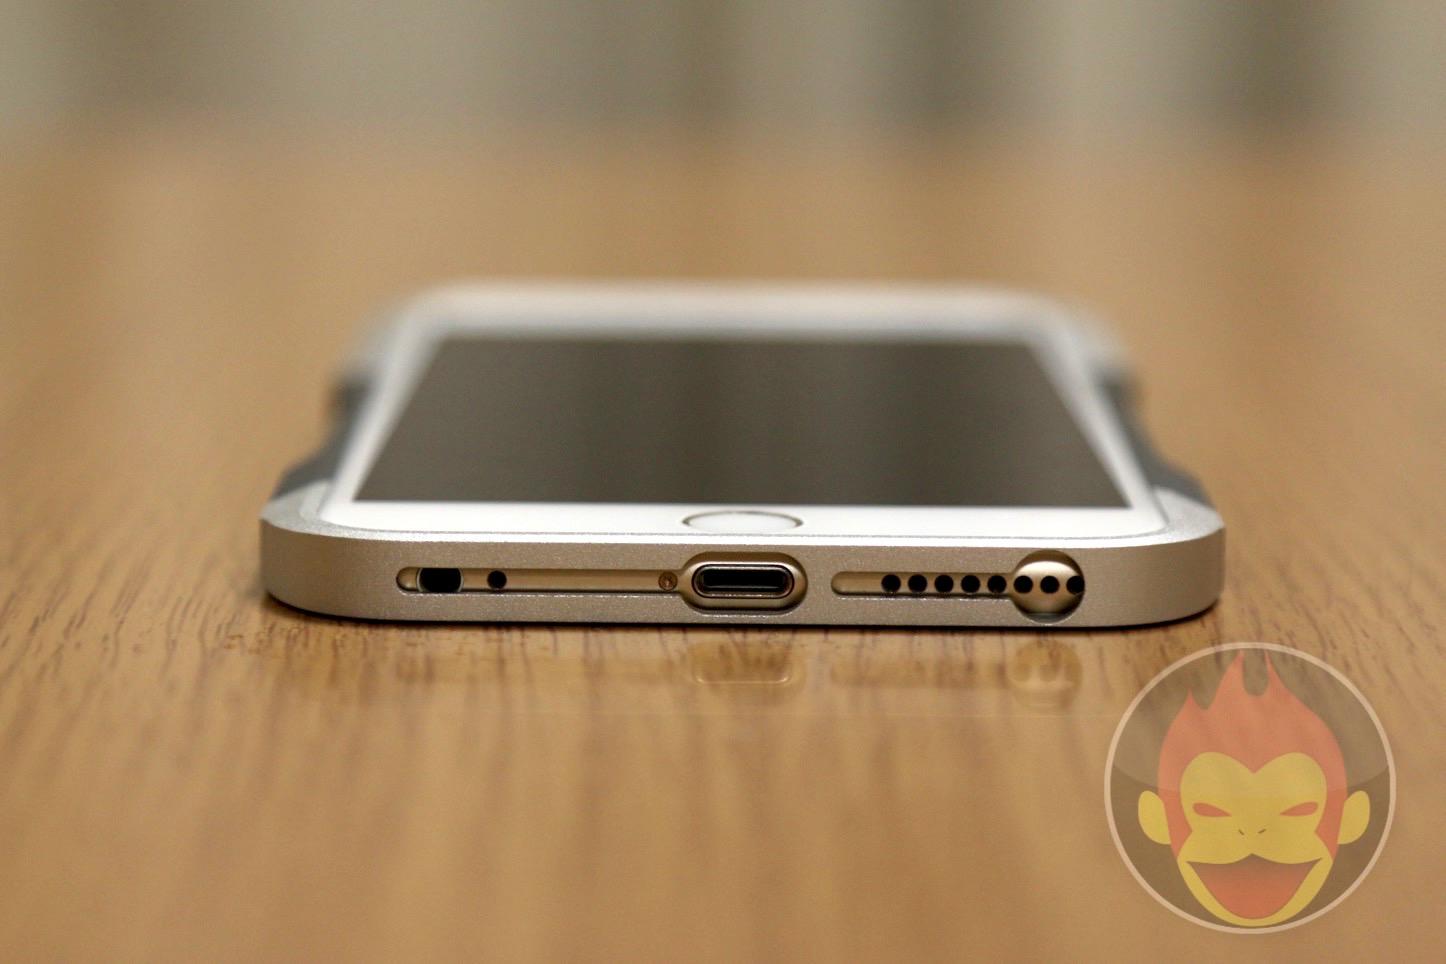 GRAVITY-CASTRUM-iPhone-6-Plus20.JPG